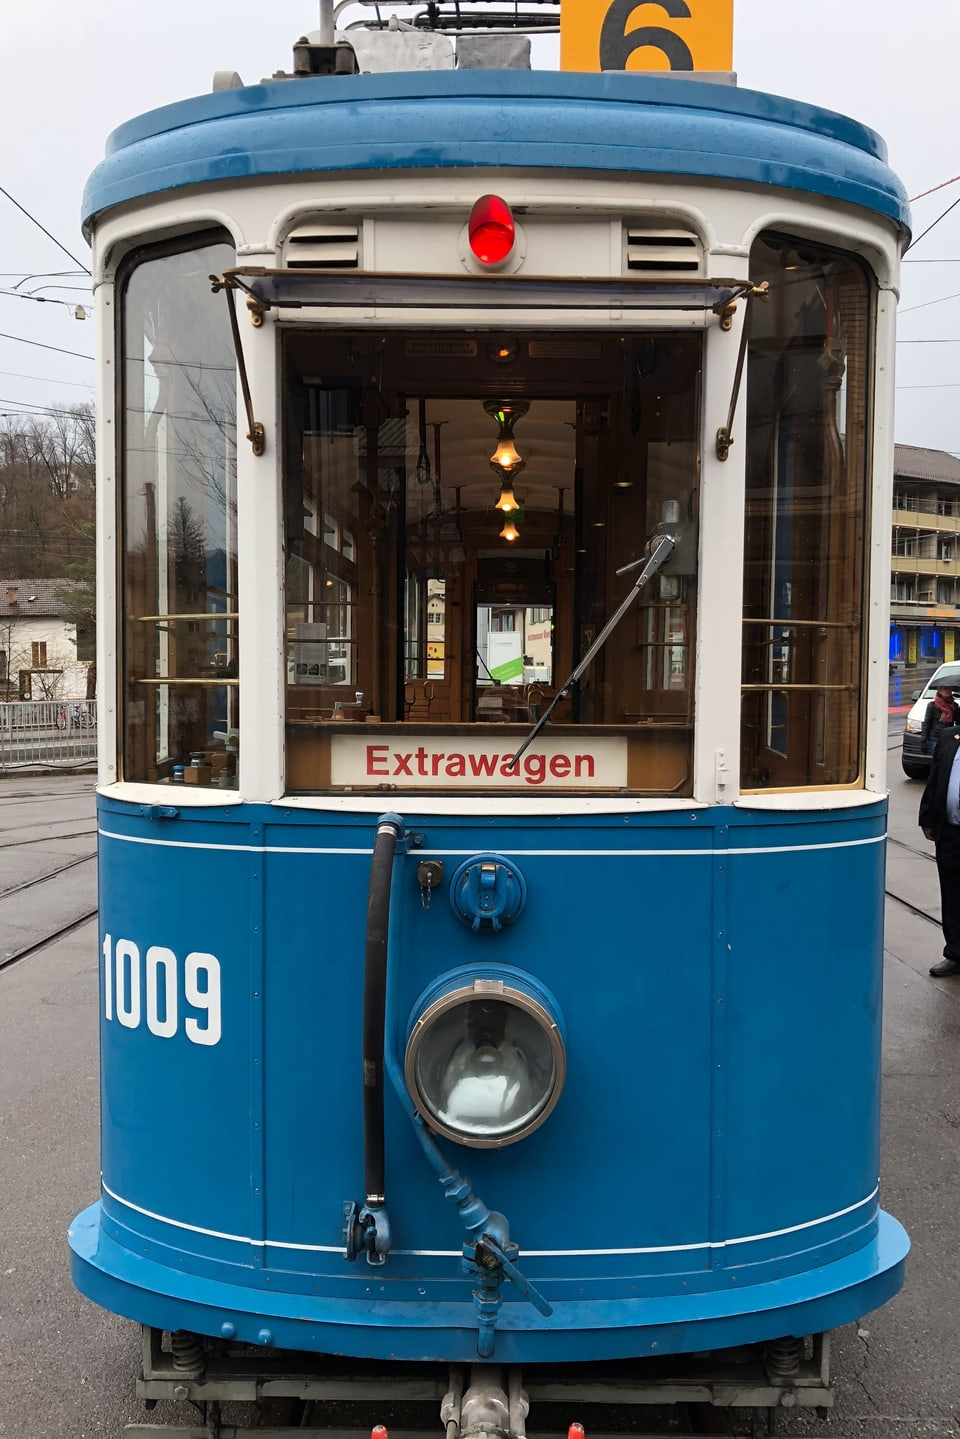 Tram Extrafahrt von vorne